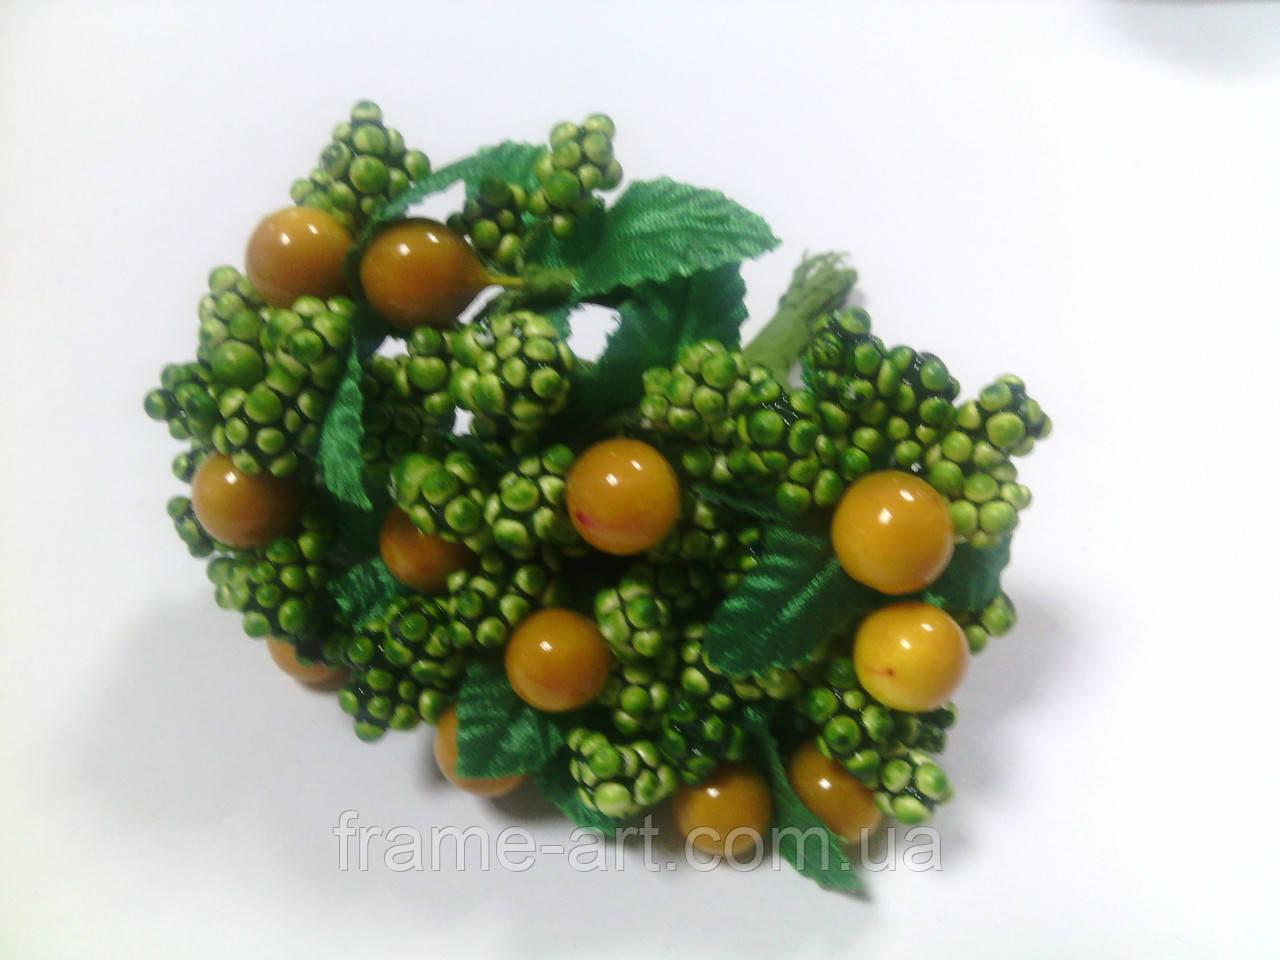 Добавка легкая 02777 ягоды на траве 15 желтый